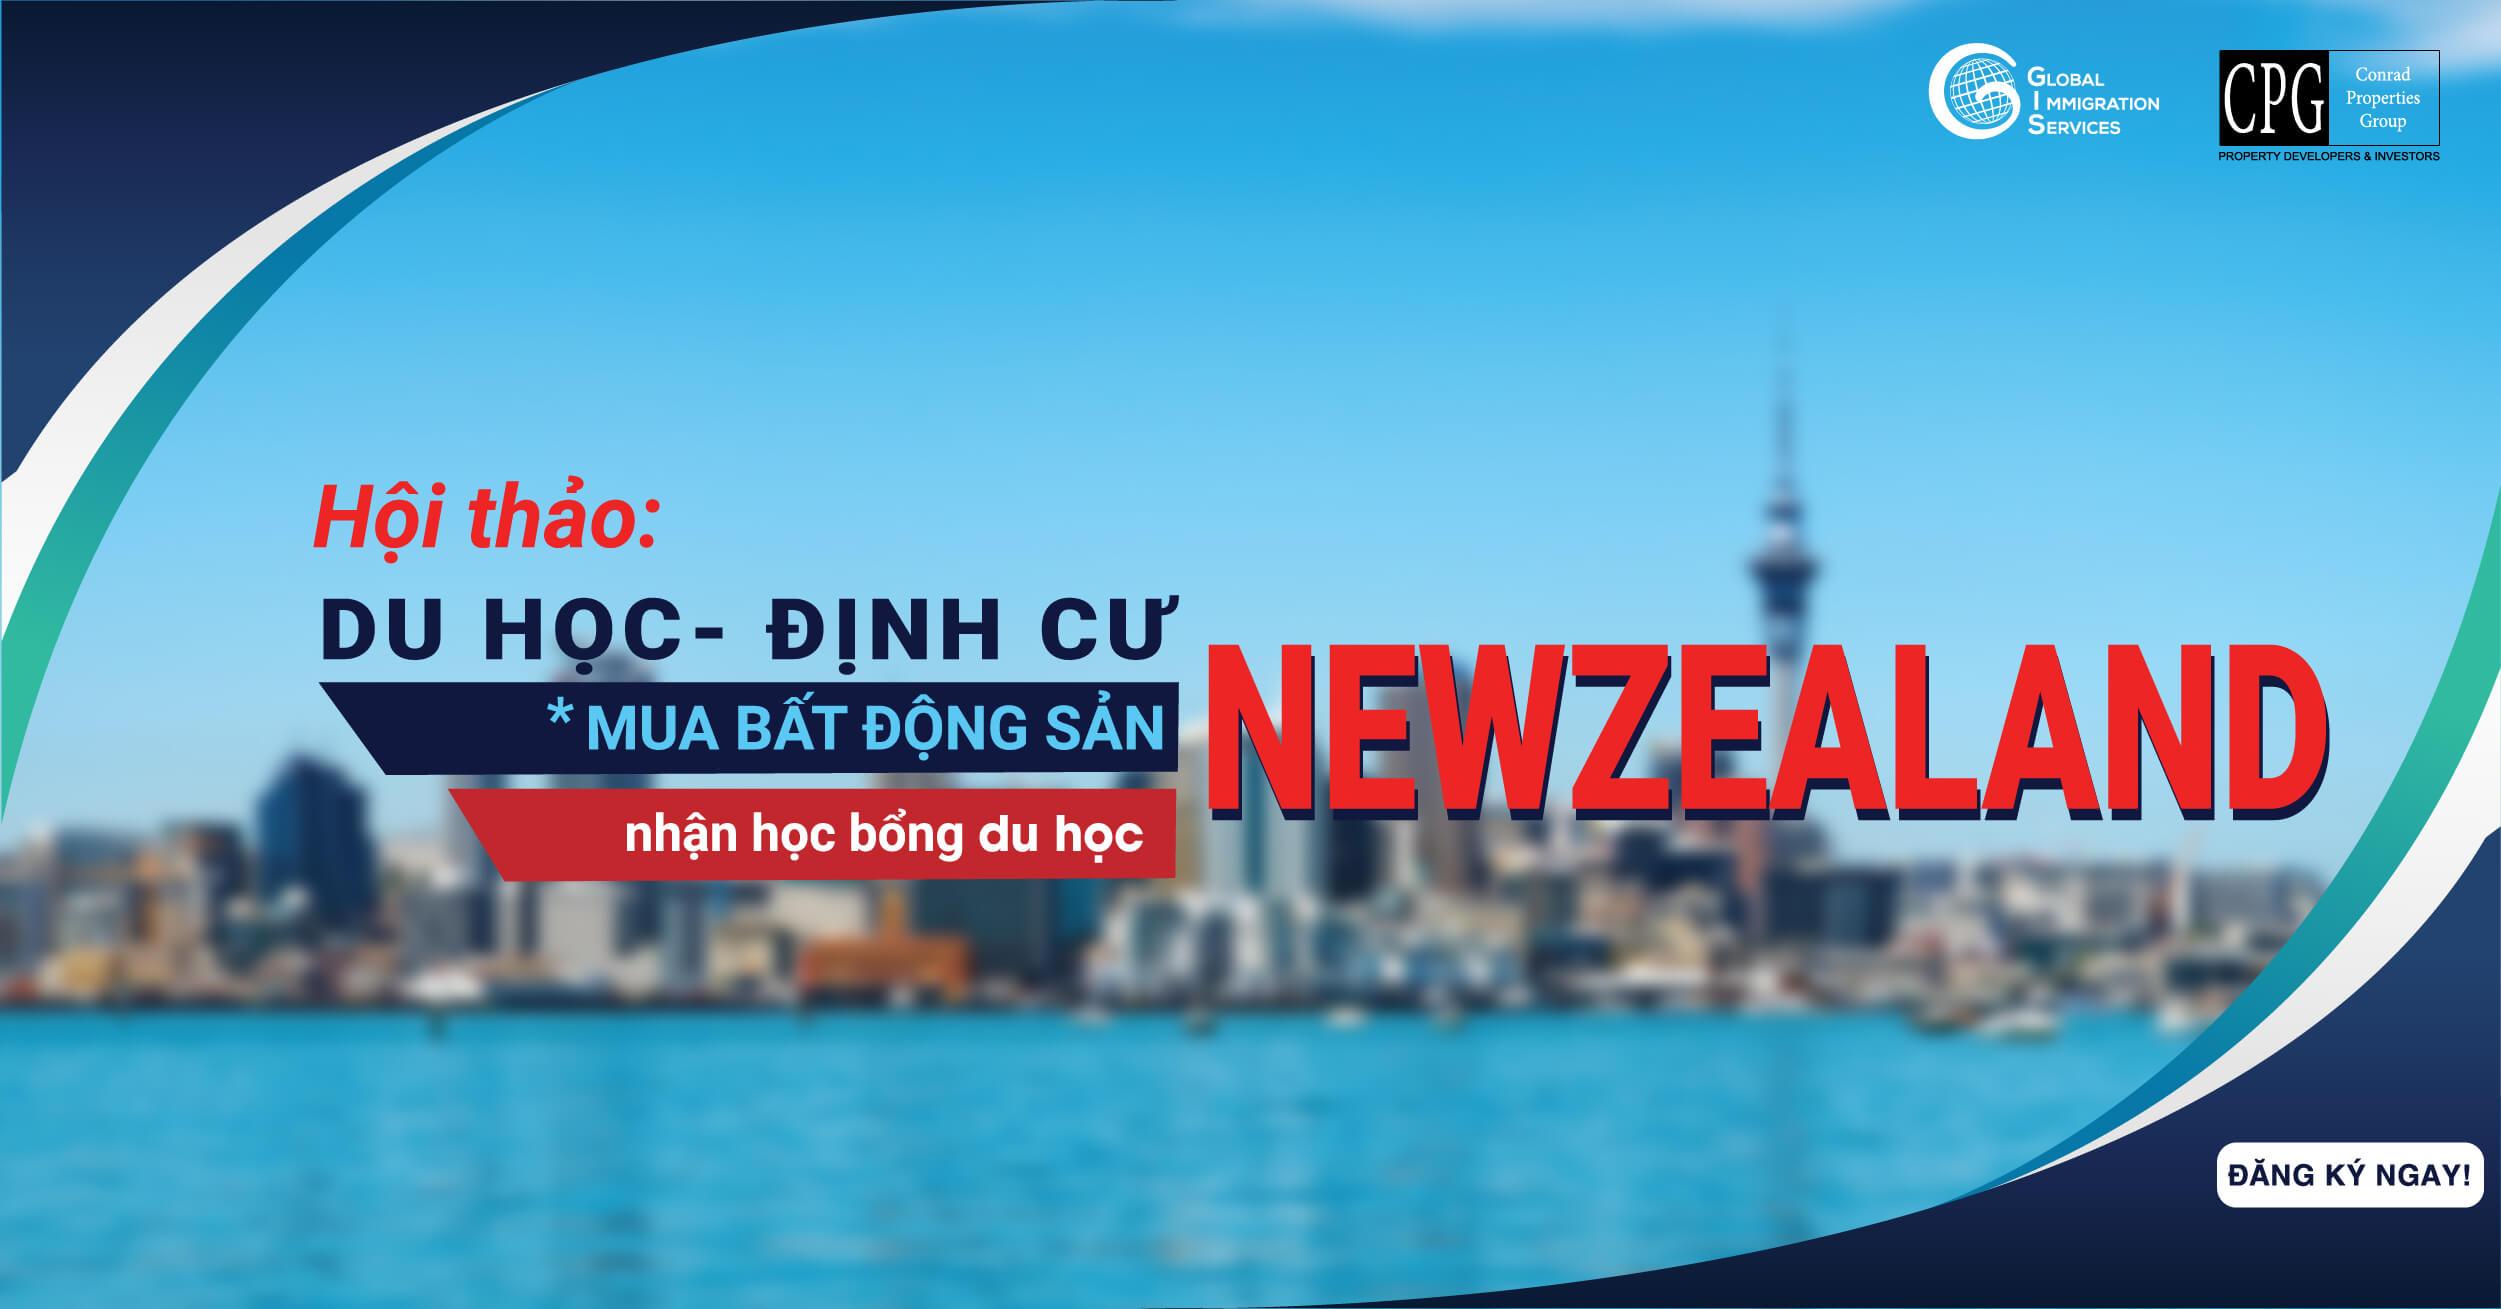 chương trình hội thảo New Zealand